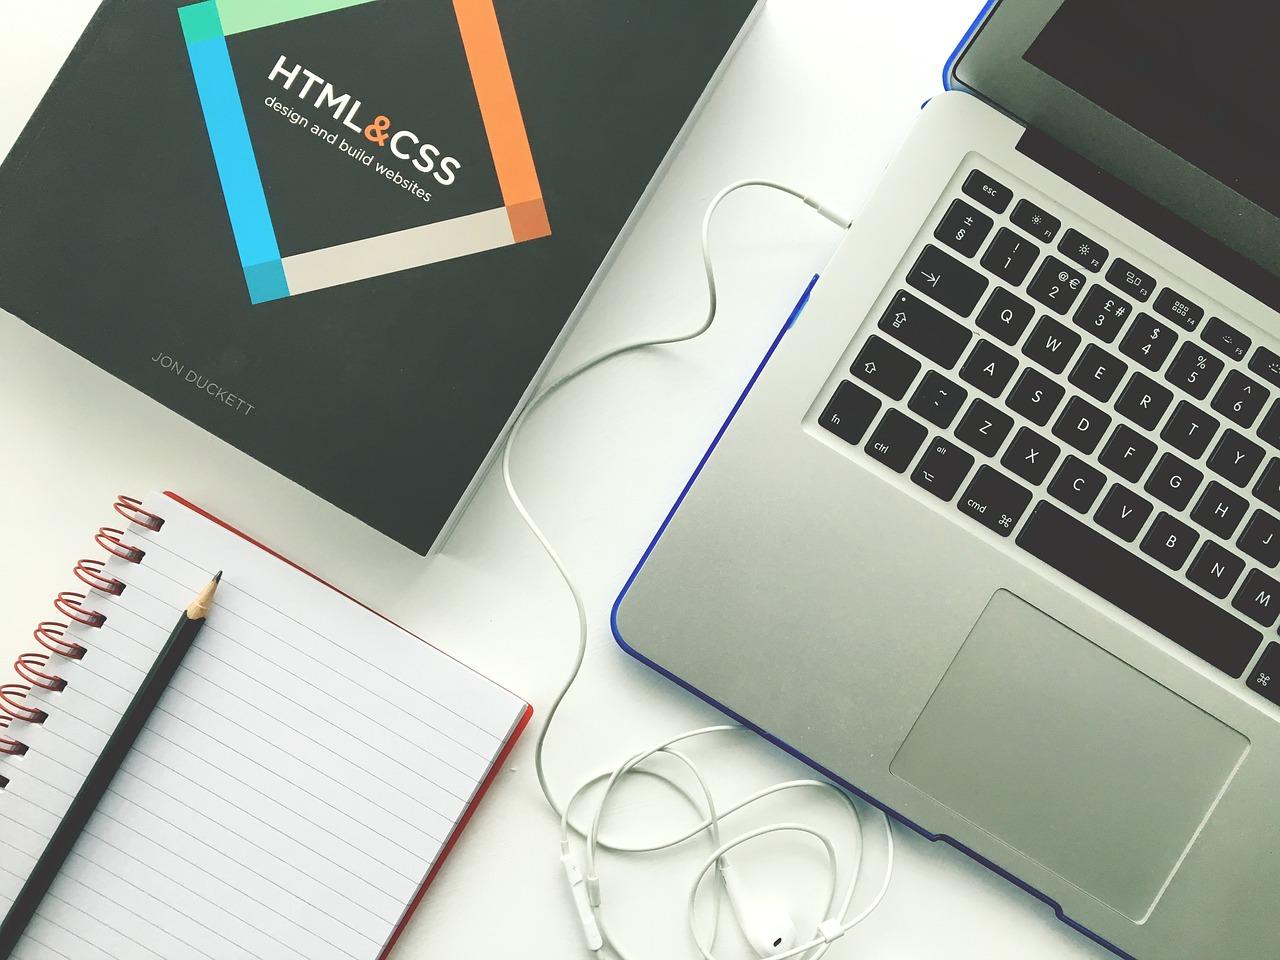 برای یادگرفتن برنامه نویسی و طراحی سایت از کجا شروع کنیم؟